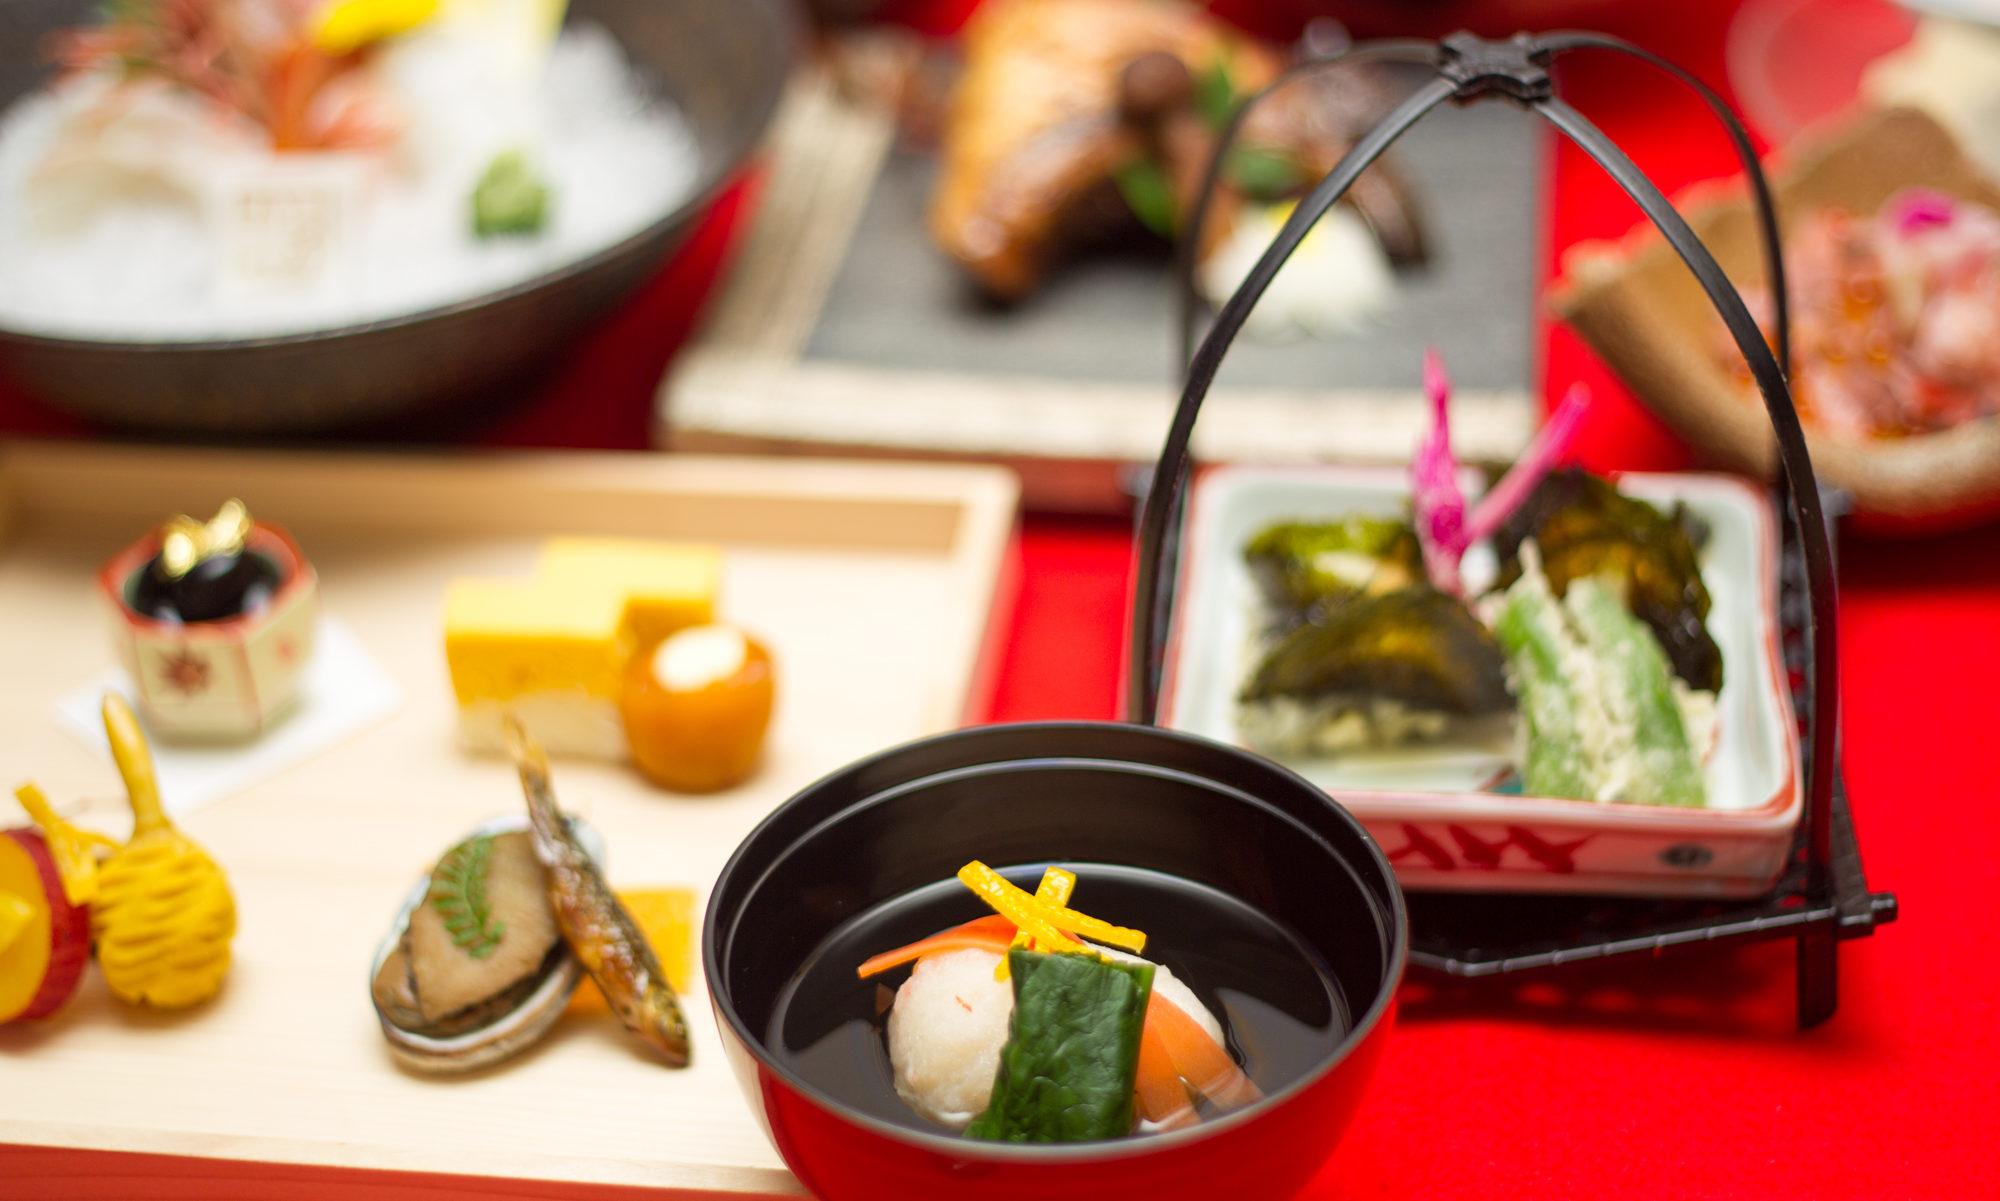 京料理いちのもんー三重県津市の京料理専門店